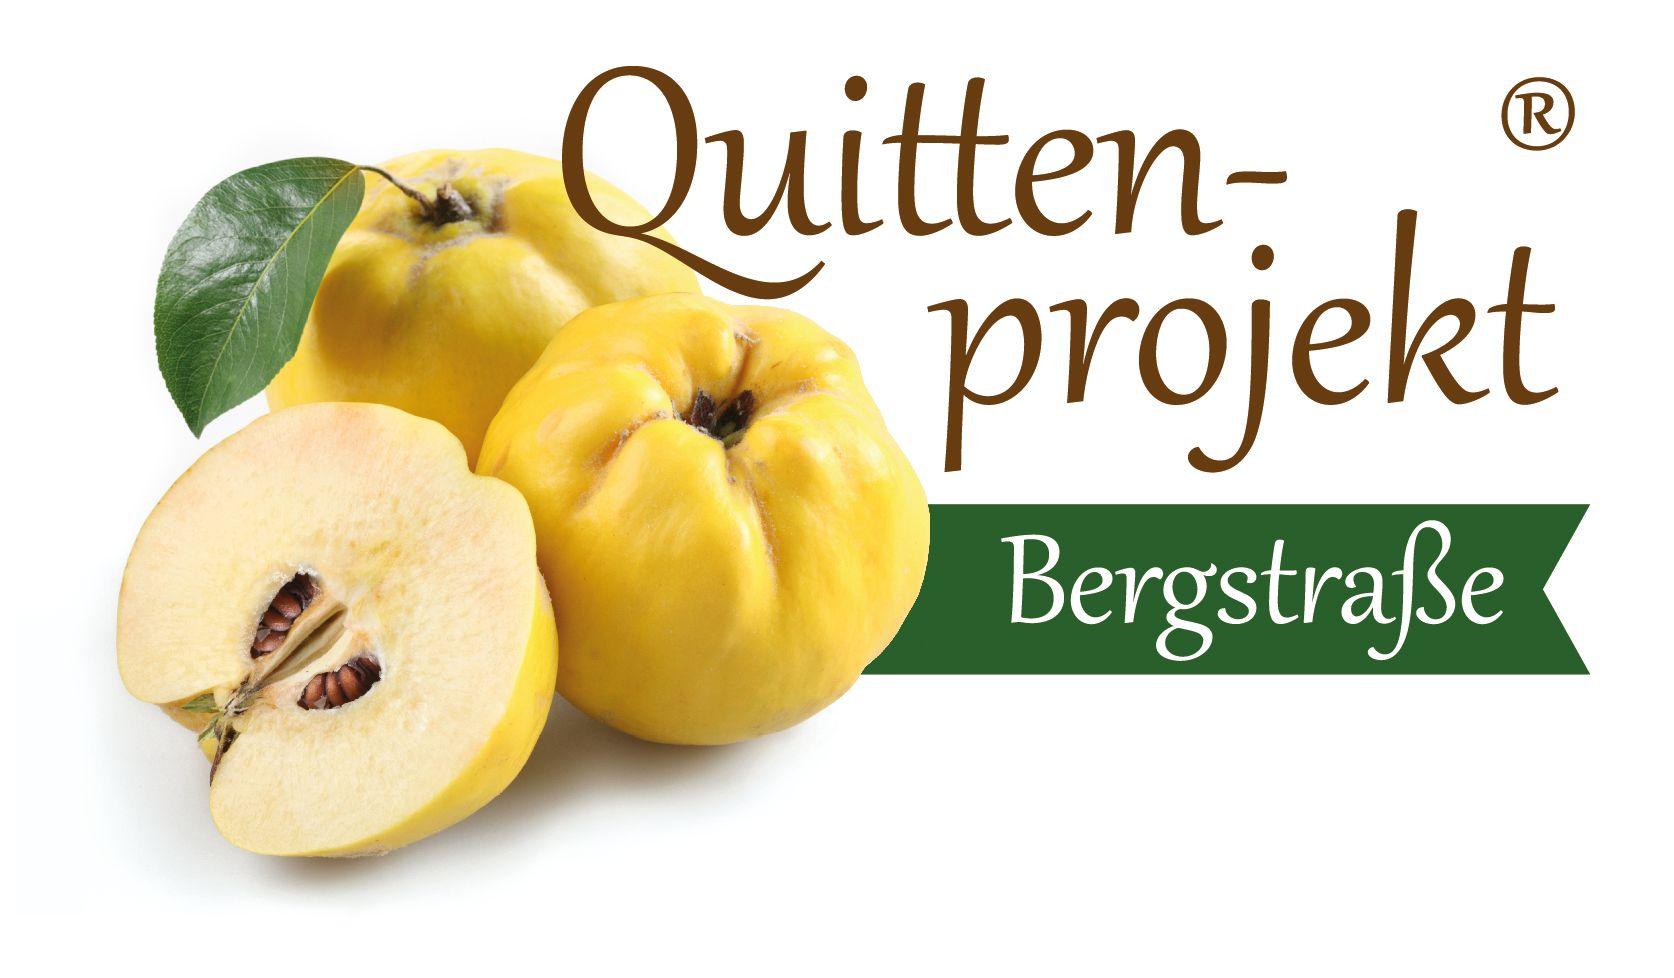 Quittenprojekt Bergstraße, Müller & Stadler GbR